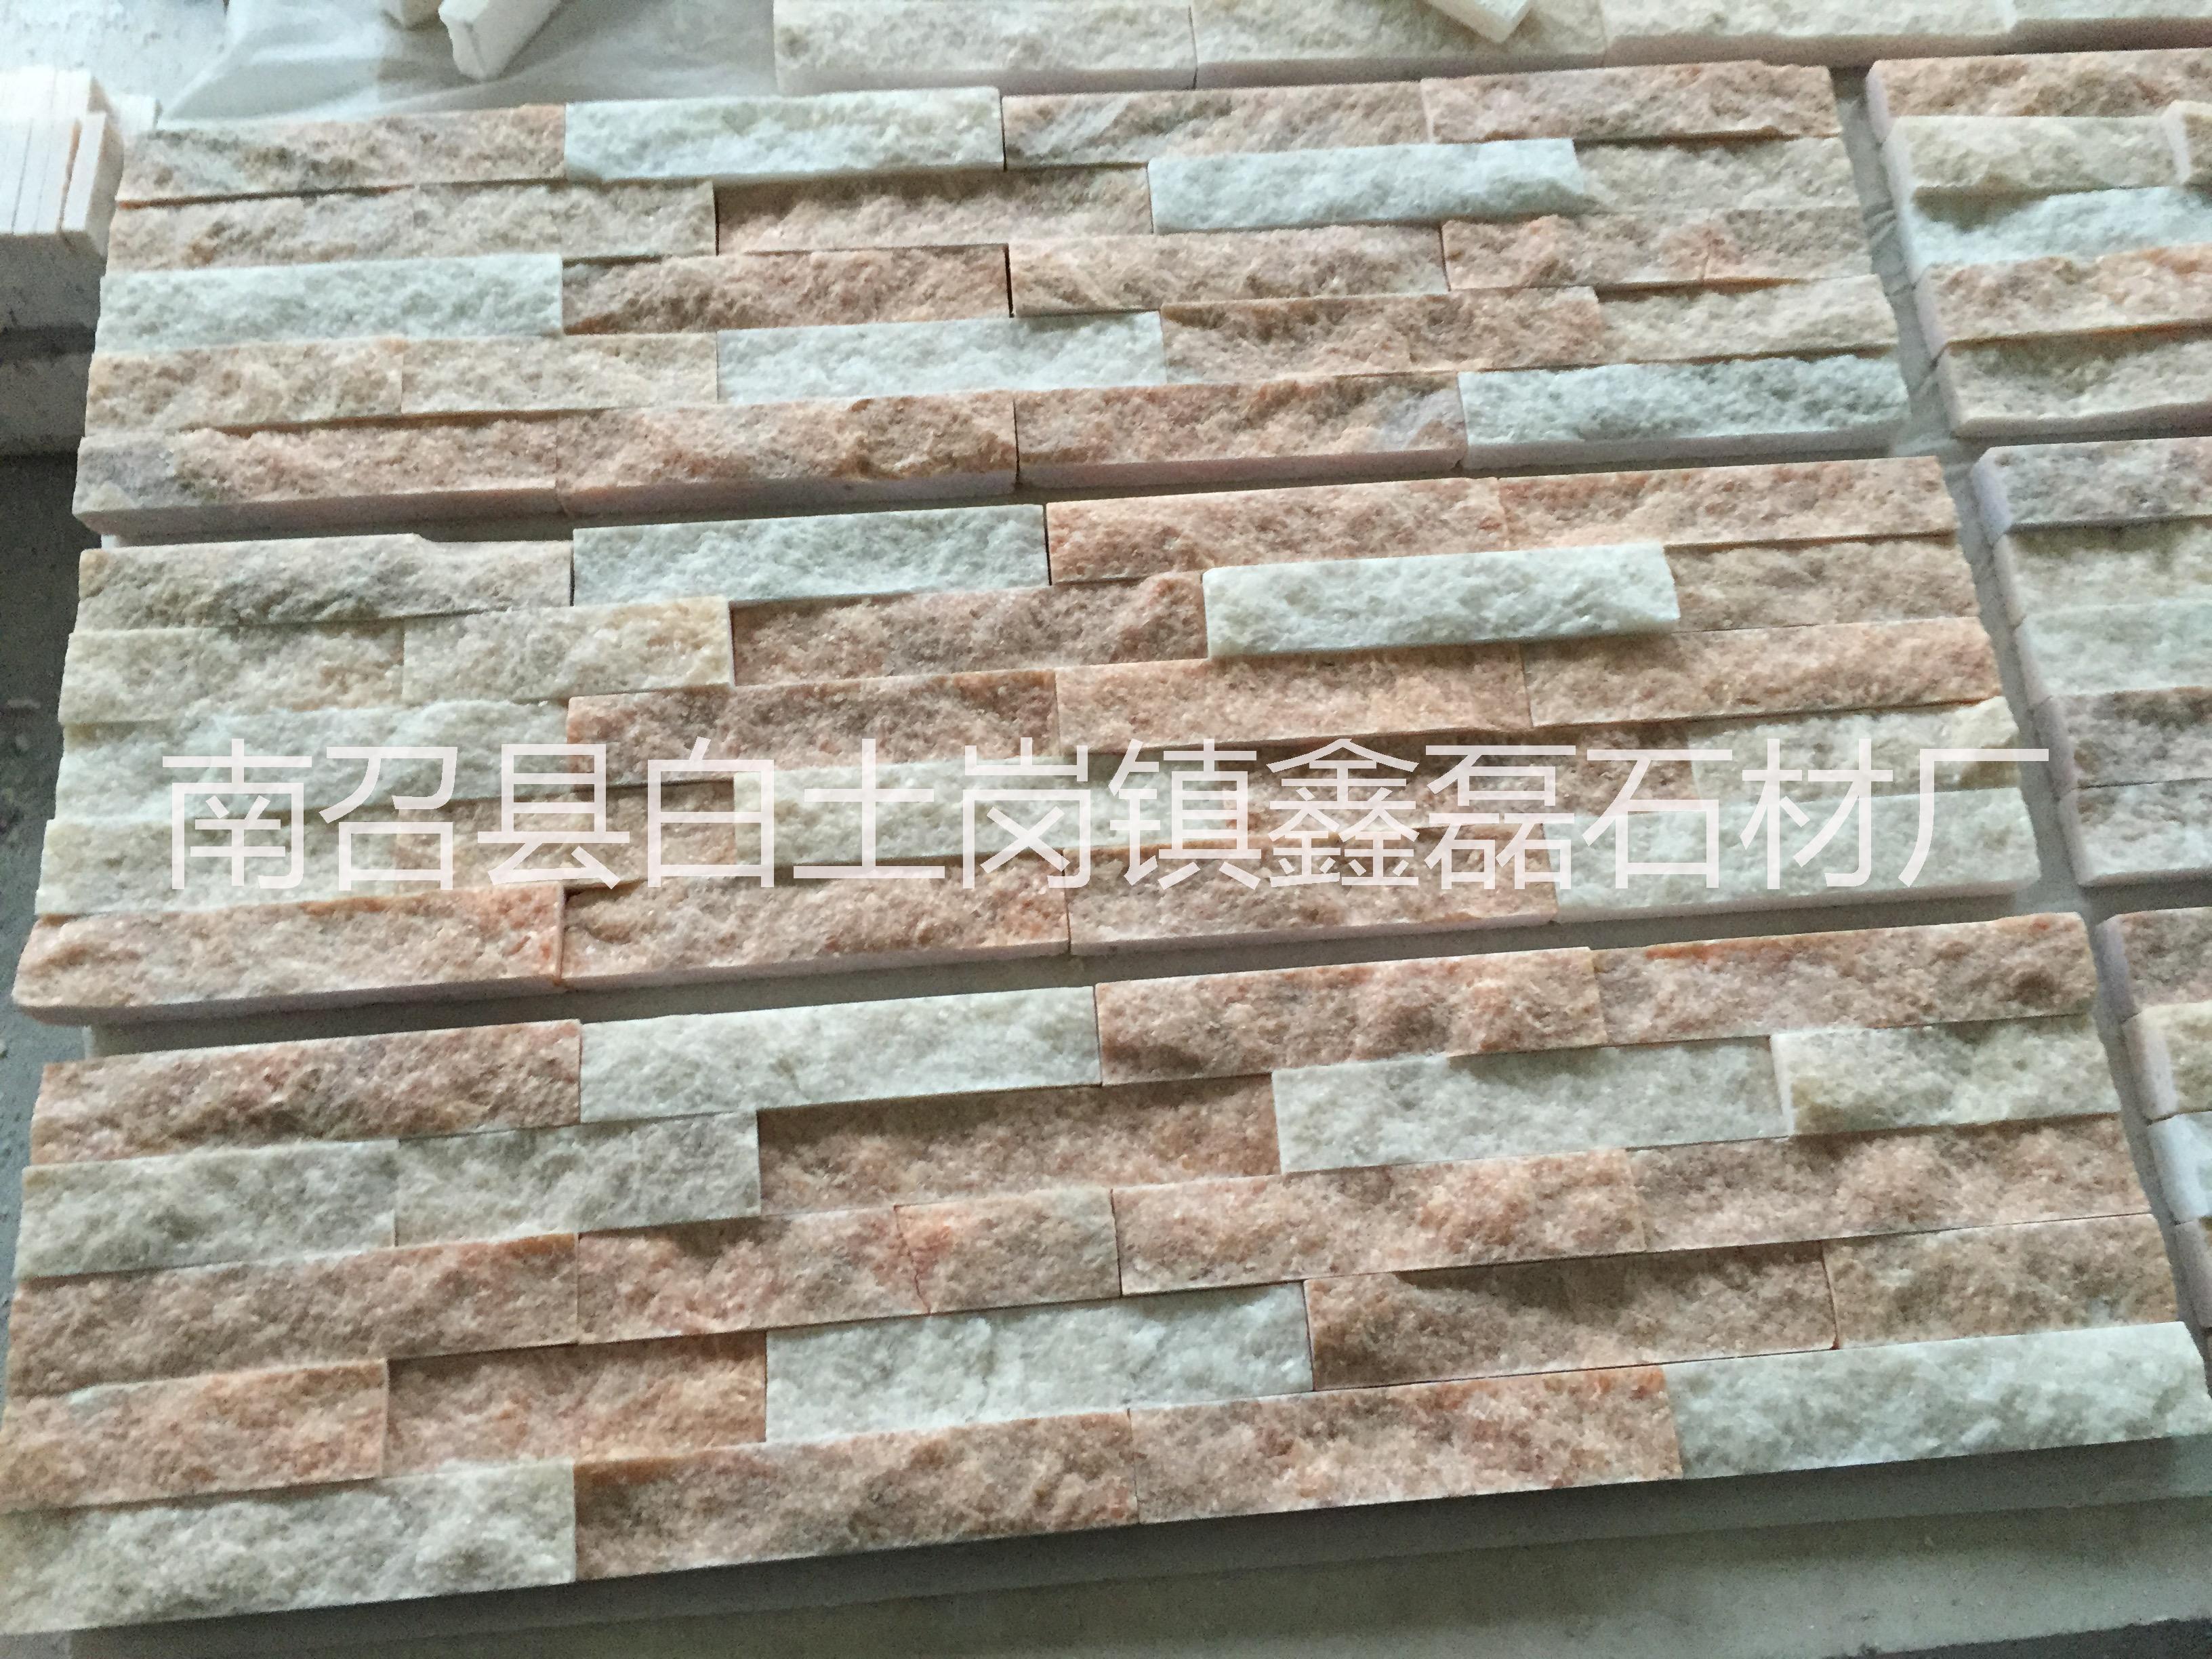 河南150*600天然贴条艺术砖凹凸面文化石水池砖 天然自然断面贴条艺术砖围墙砖水晶文化石 贴条砖 贴条文化石